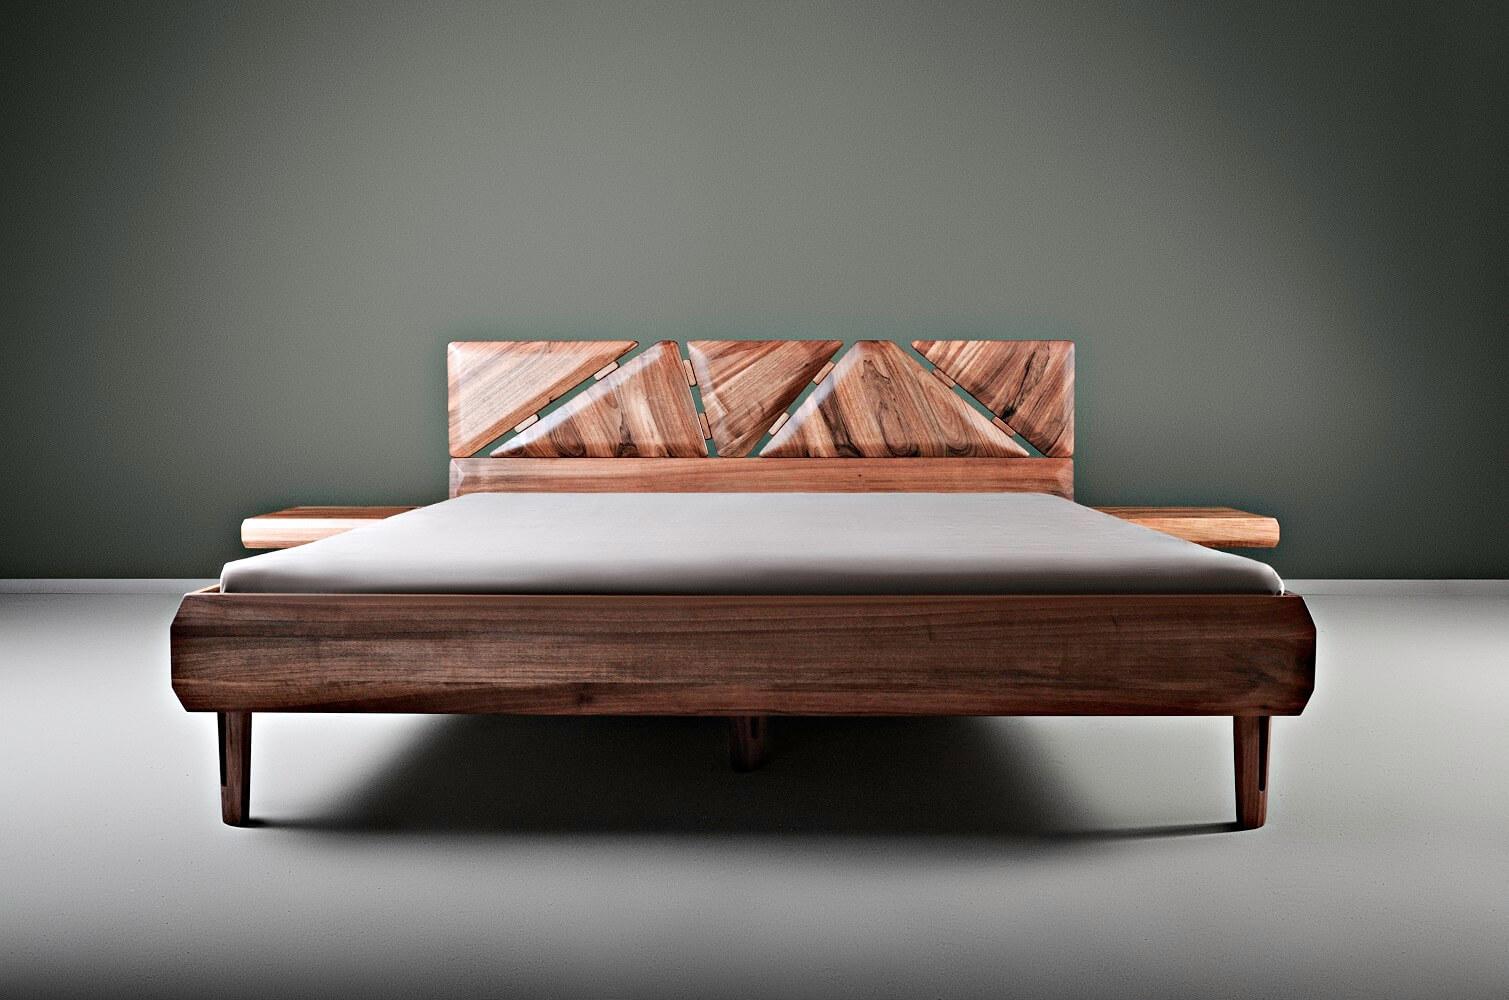 מיטת אגוז king size - Mista